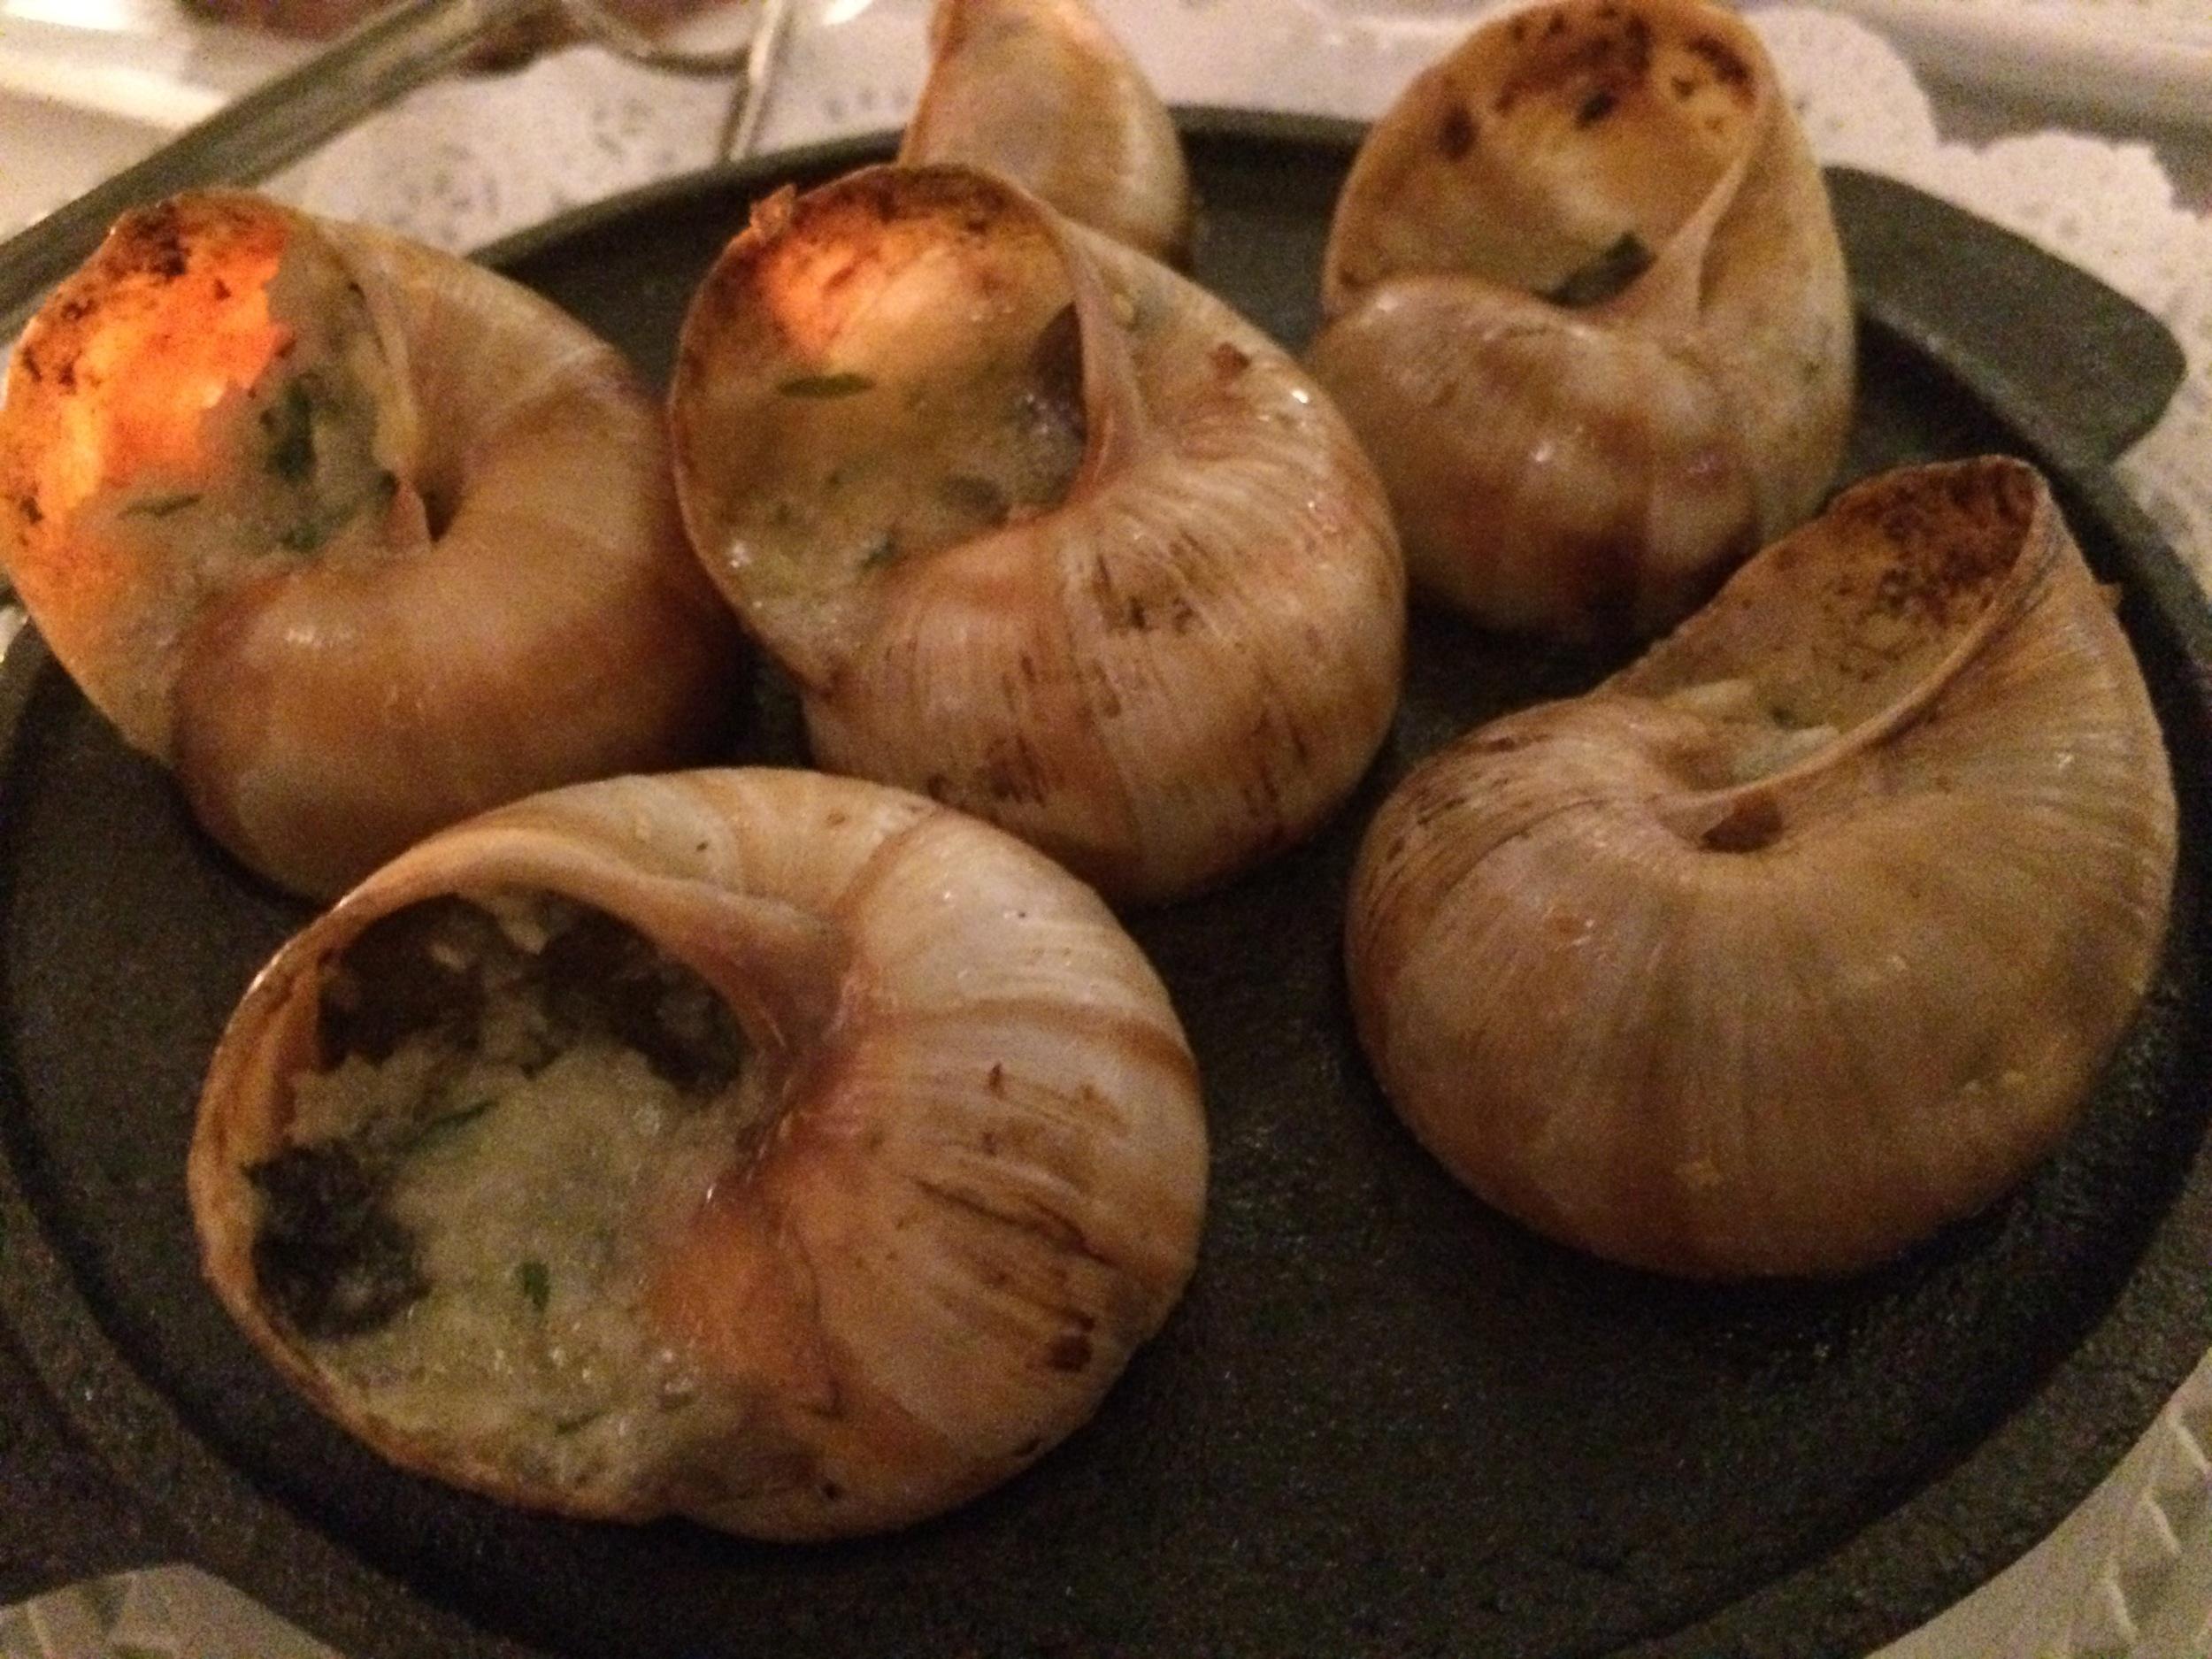 escargot- yum!